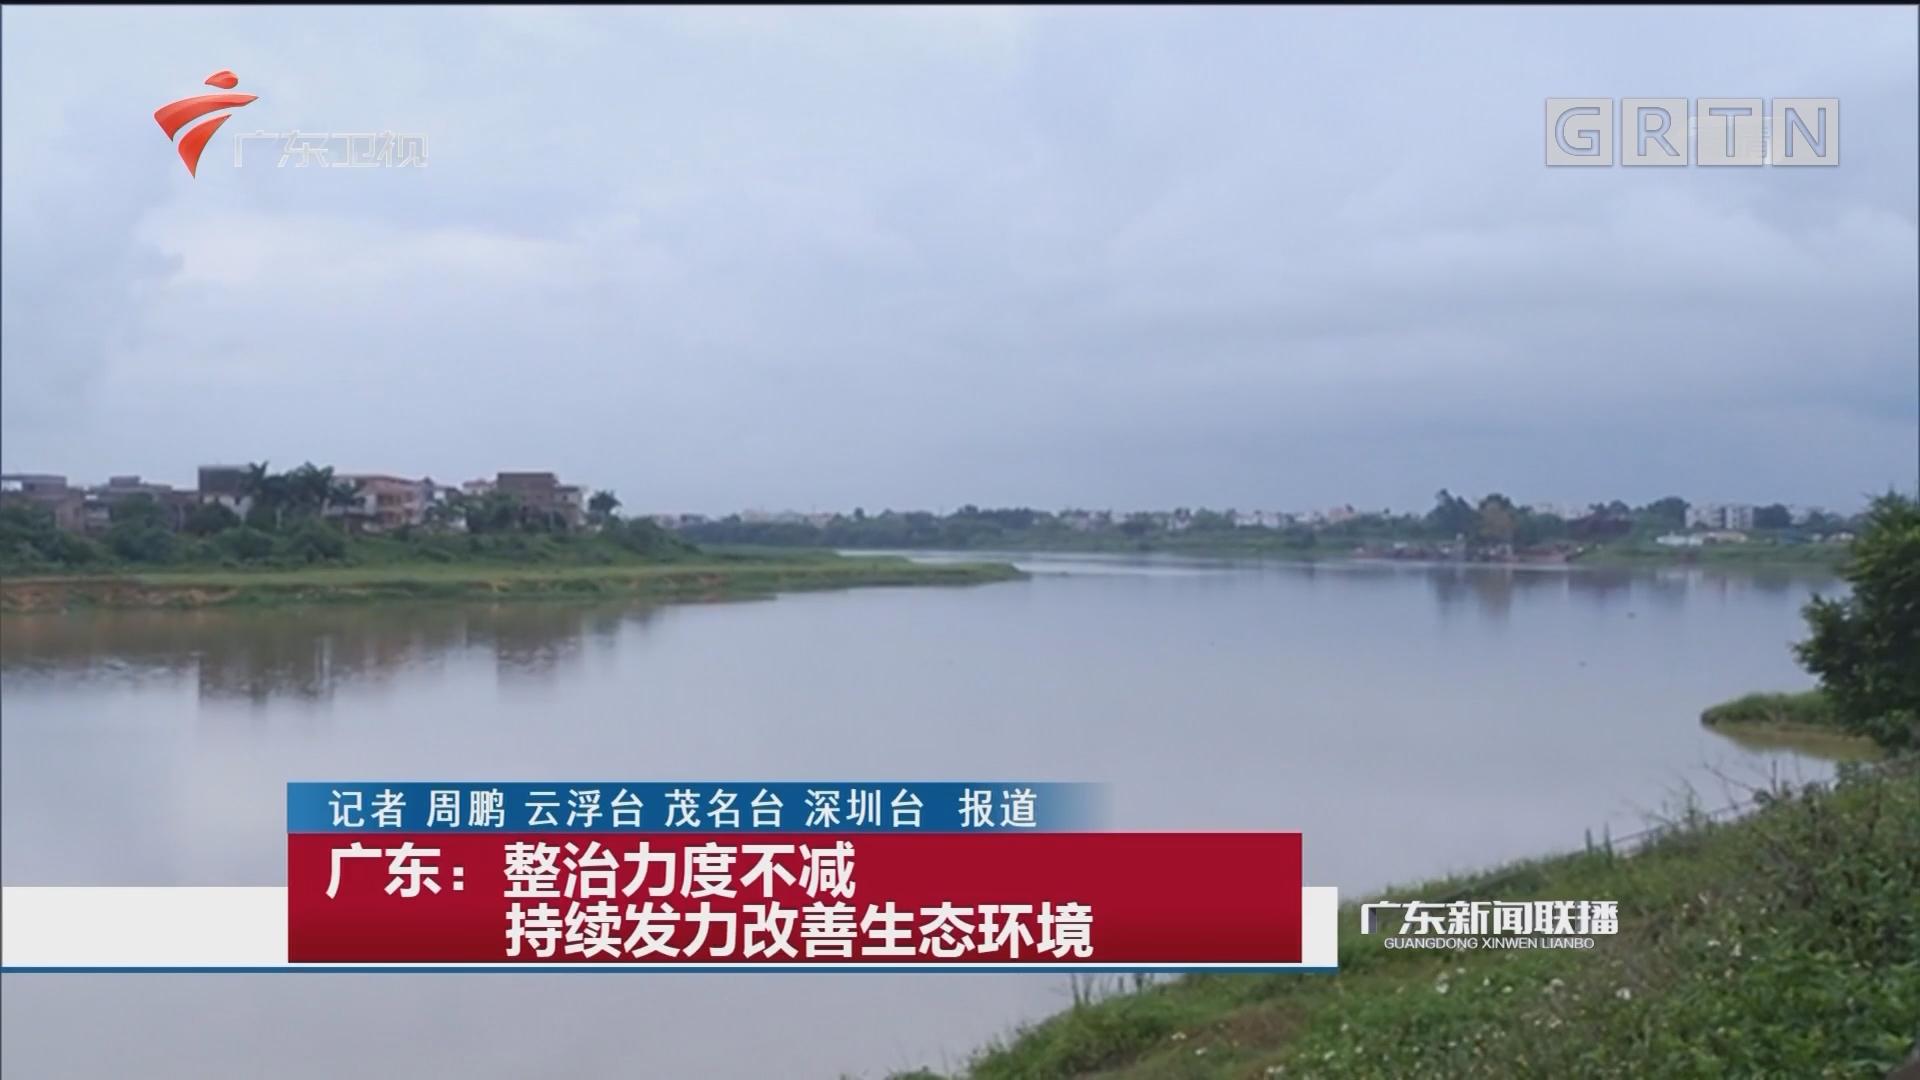 广东:整治力度不减 持续发力改善生态环境